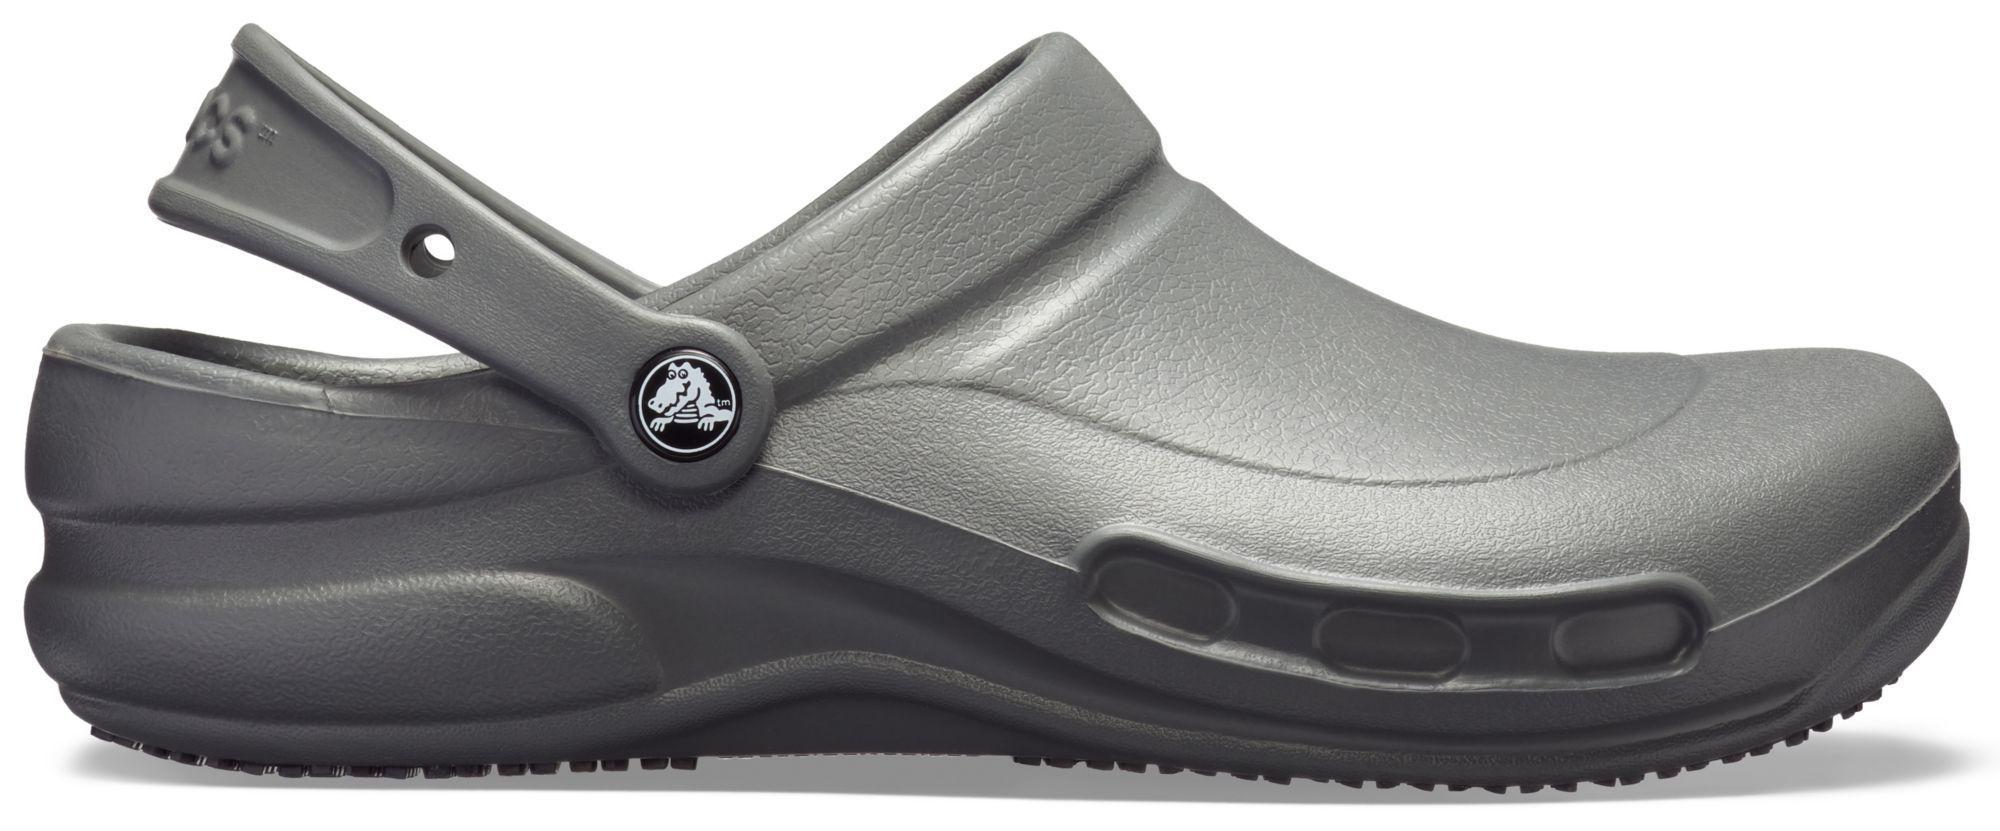 af707859b6ef Lyst - Crocs™ Adult Bistro Clogs in Gray